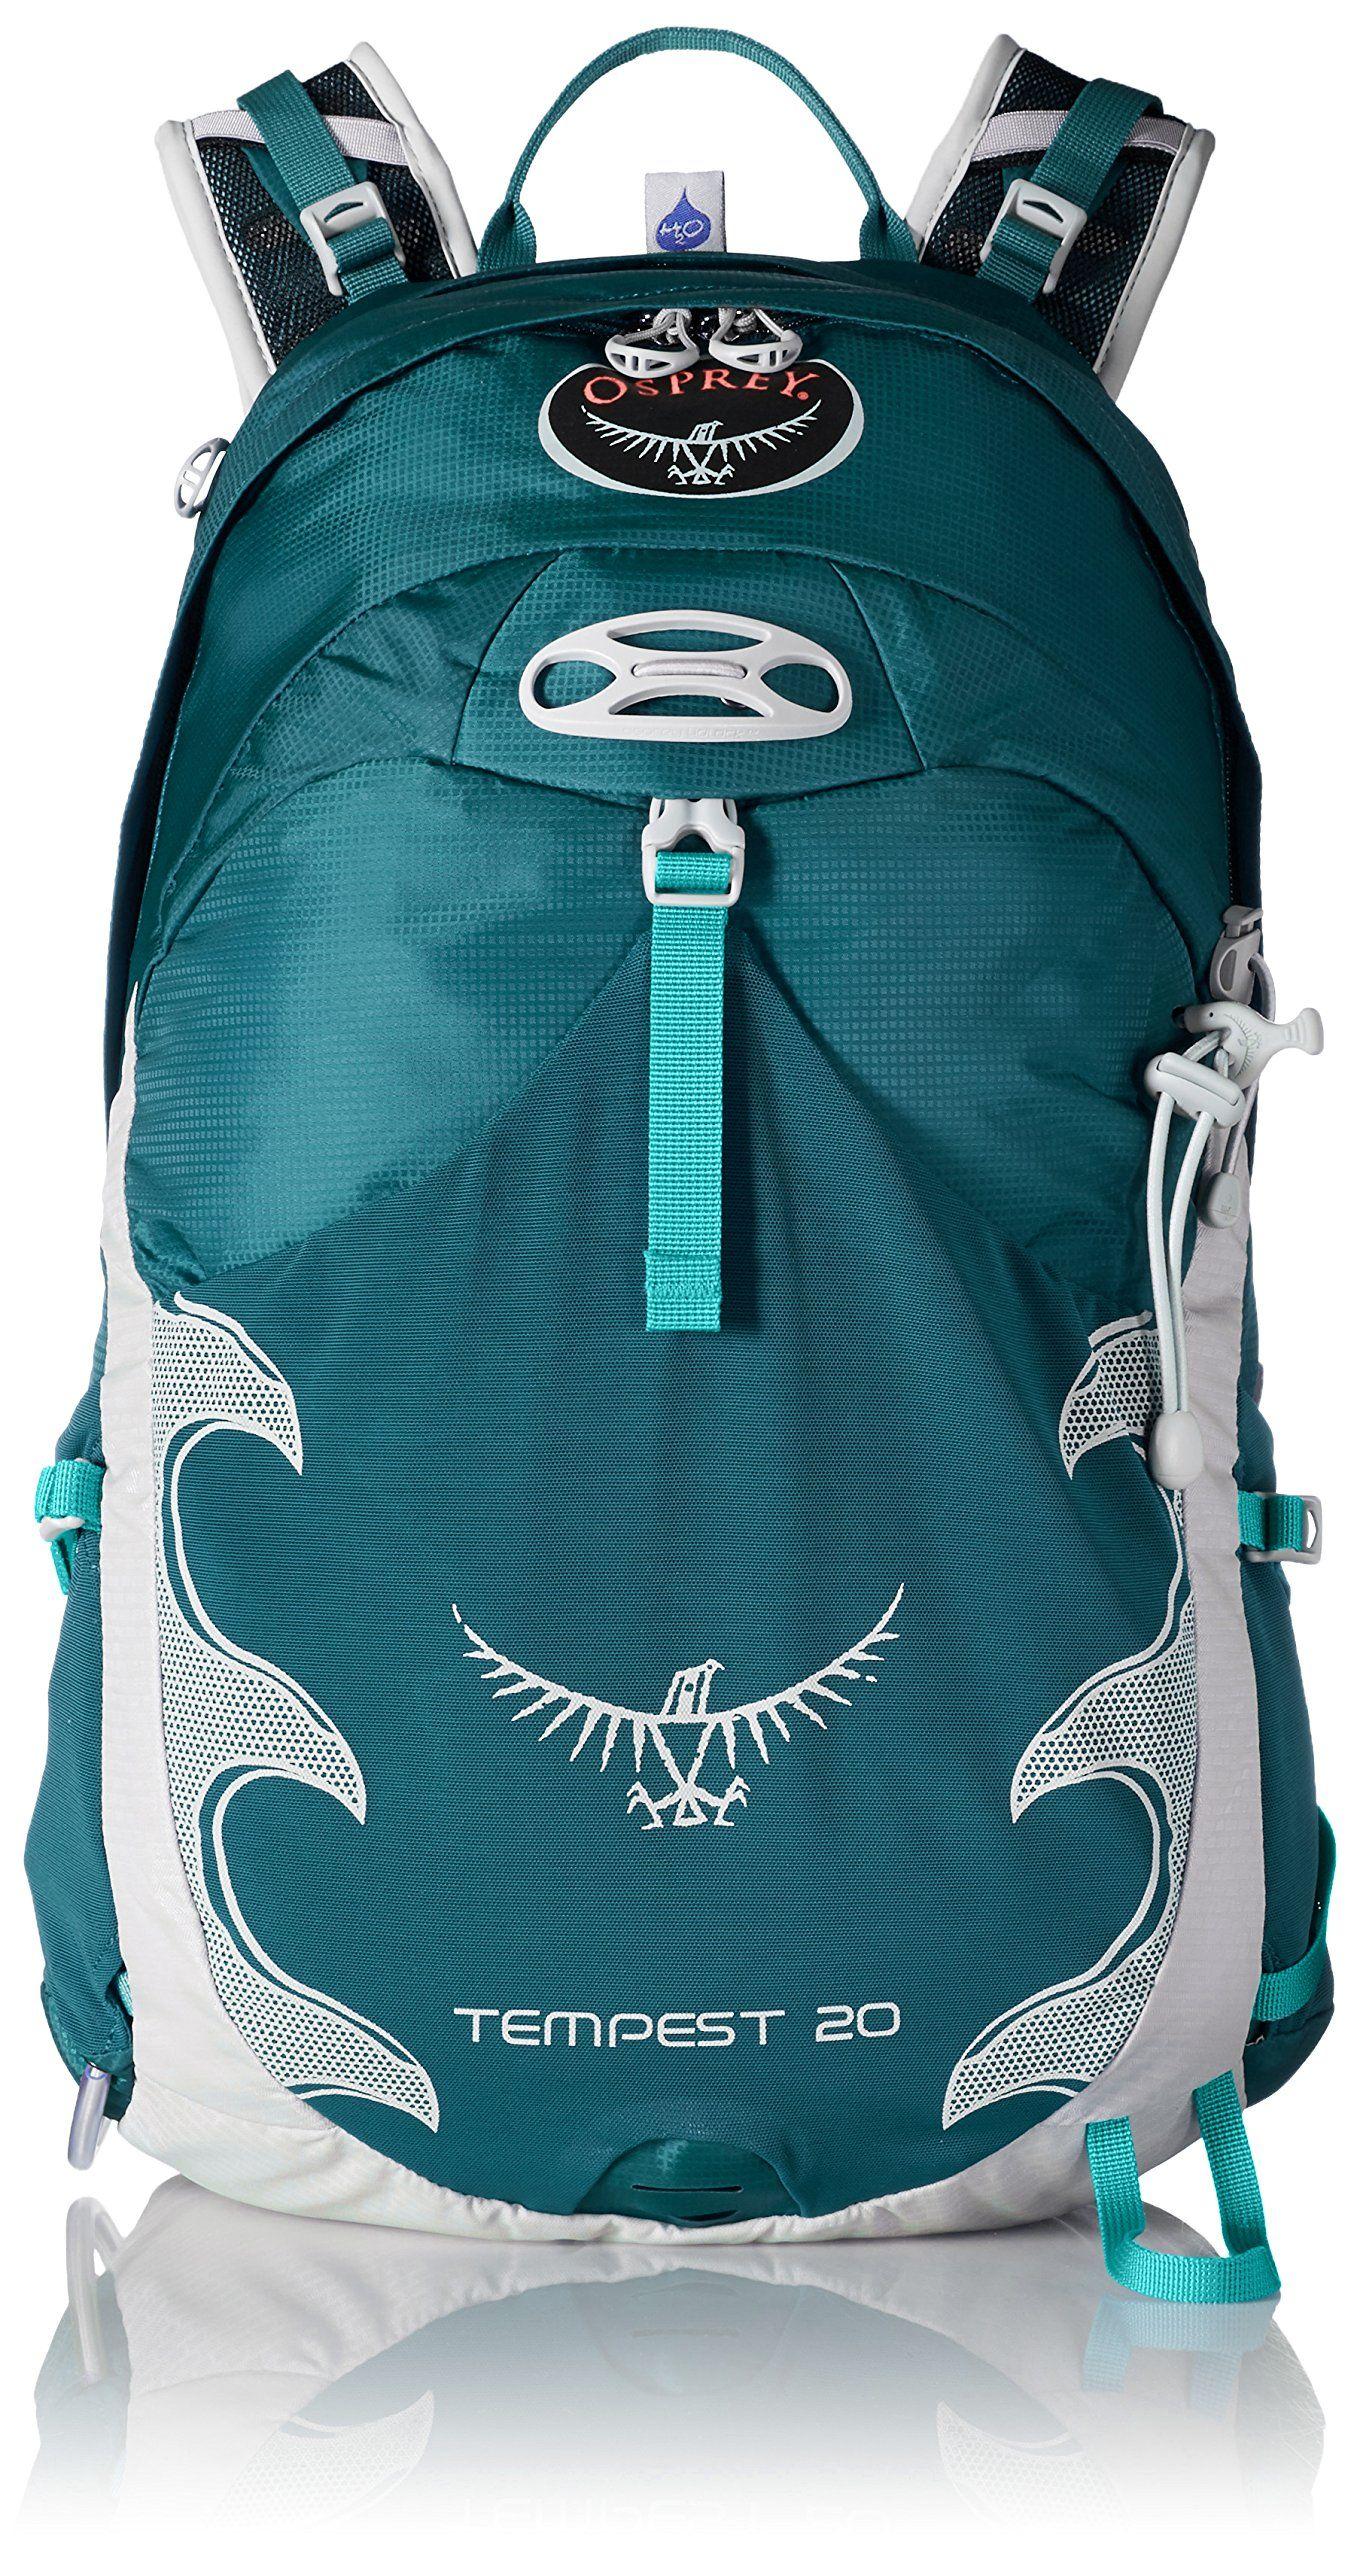 ca57e0d40e7c Osprey Packs Women s Tempest 20 Backpack